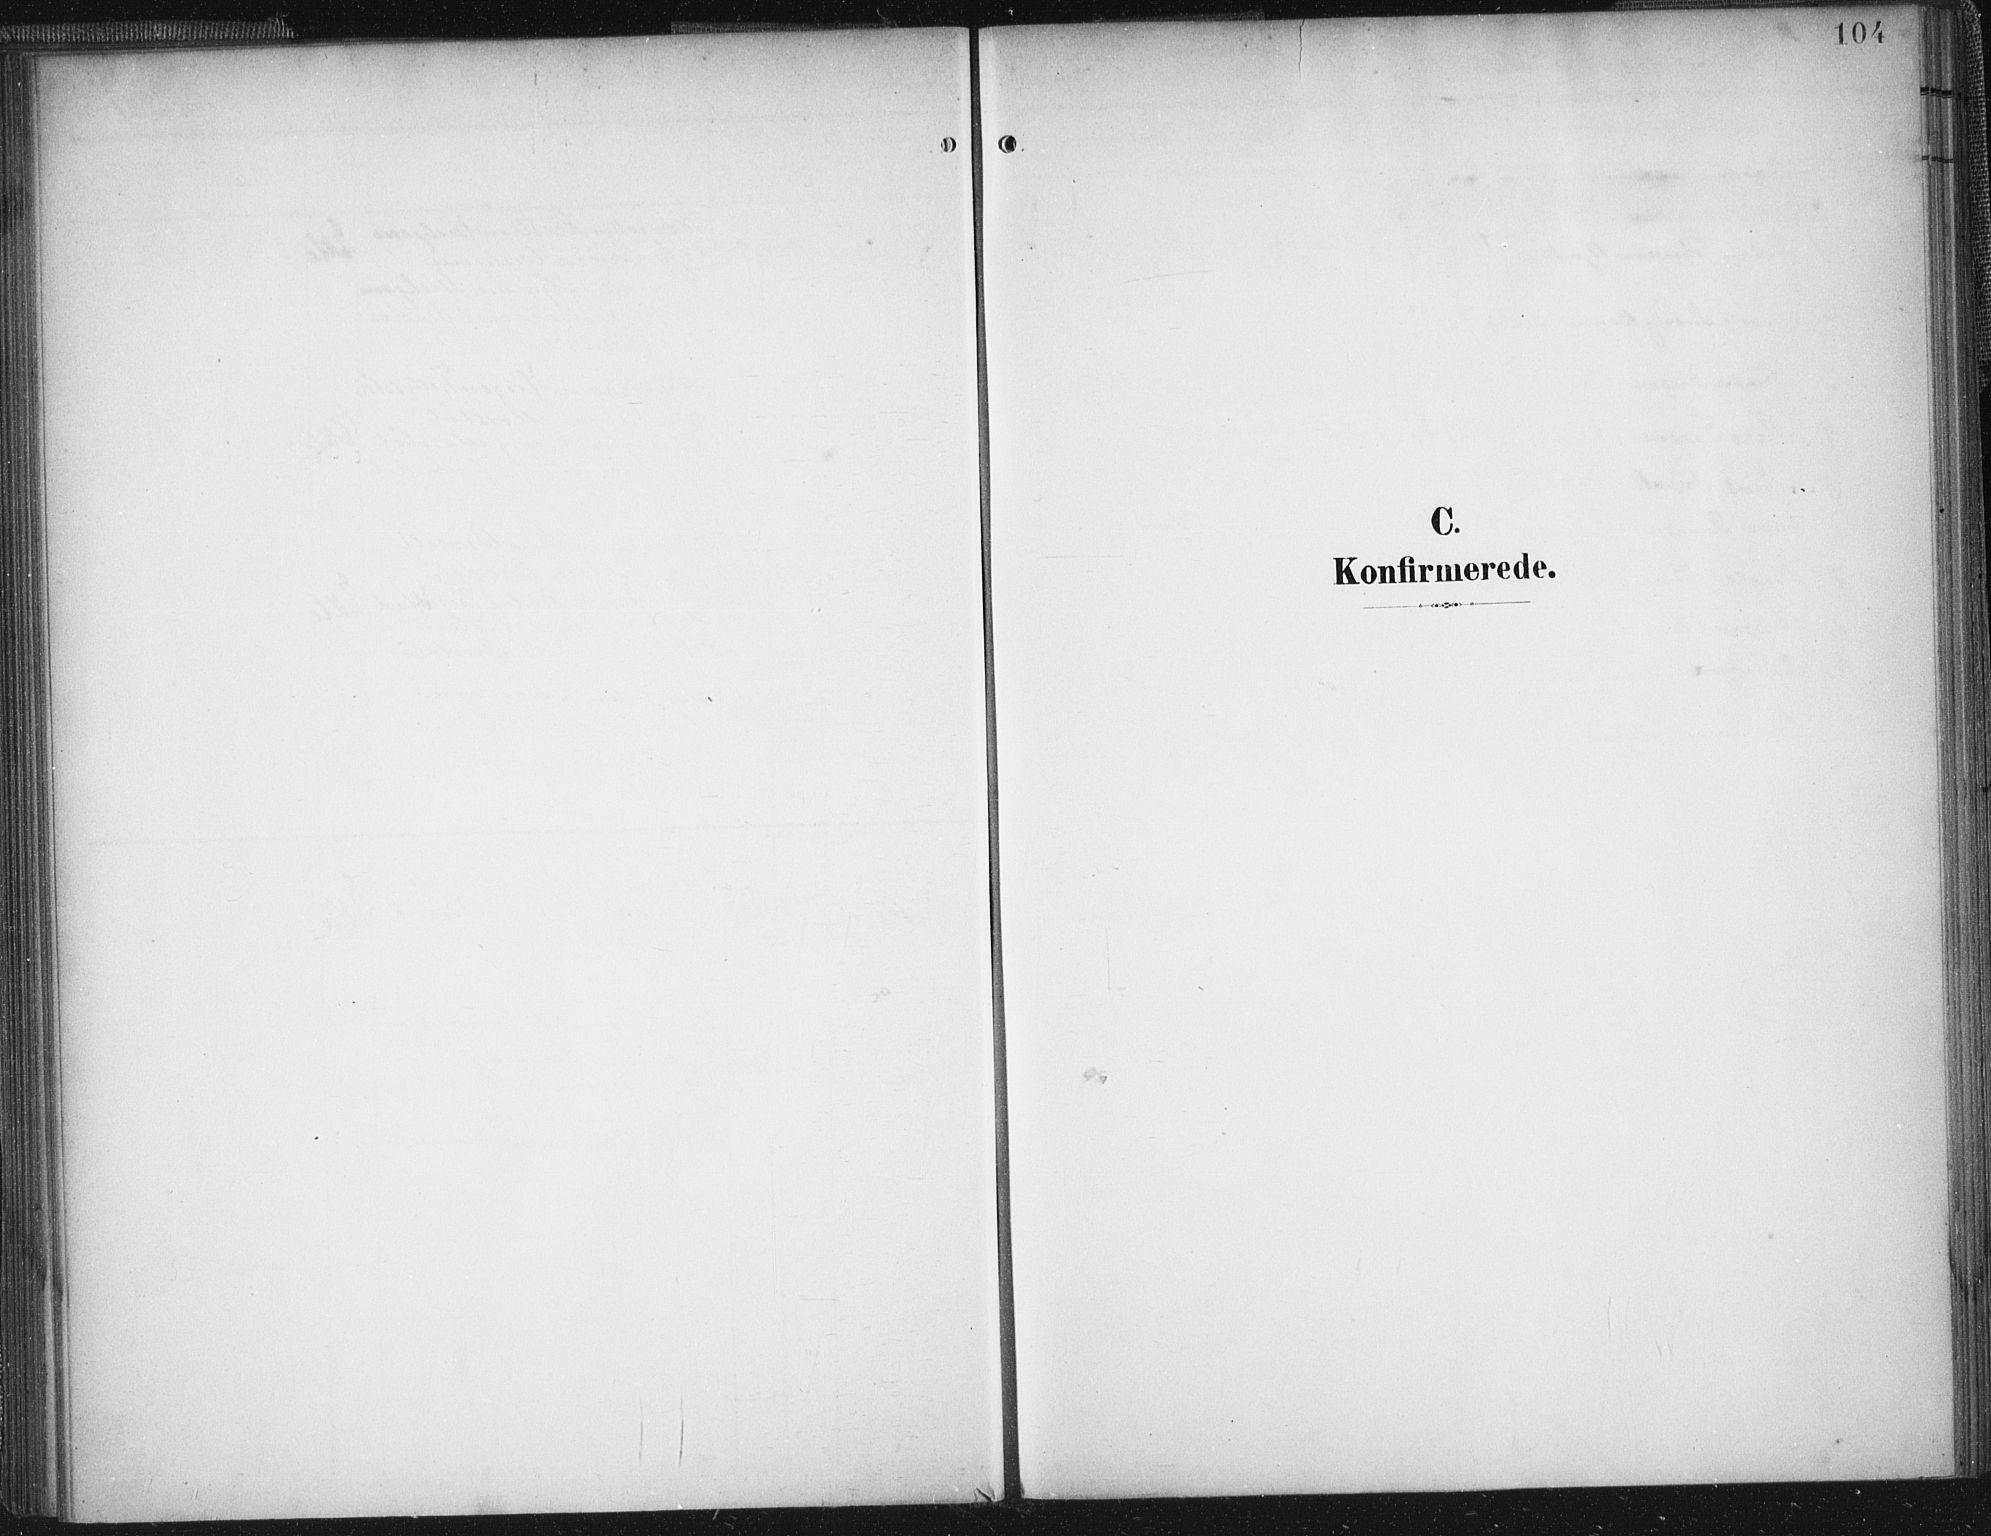 SAT, Ministerialprotokoller, klokkerbøker og fødselsregistre - Møre og Romsdal, 545/L0589: Klokkerbok nr. 545C03, 1902-1937, s. 104